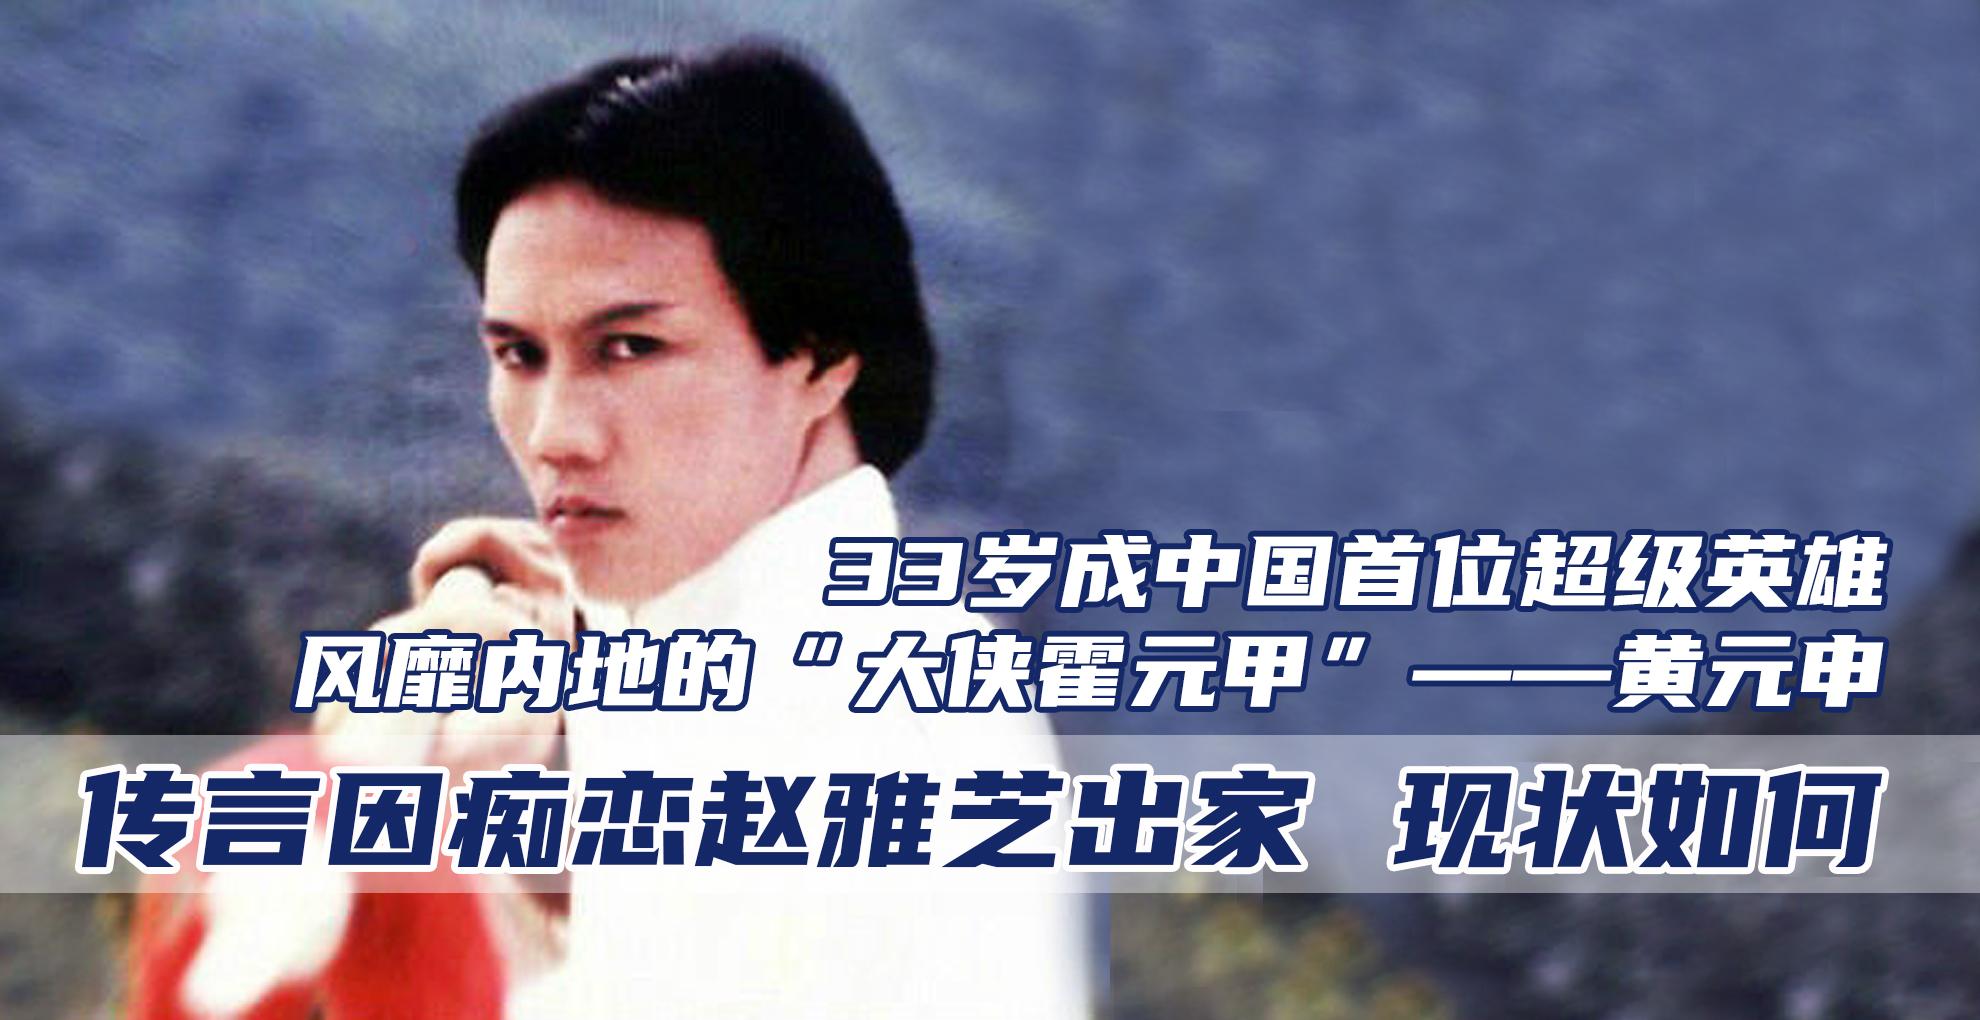 黄元申:83版霍元甲当红时出家,传言痴恋赵雅芝,如今过得怎么样